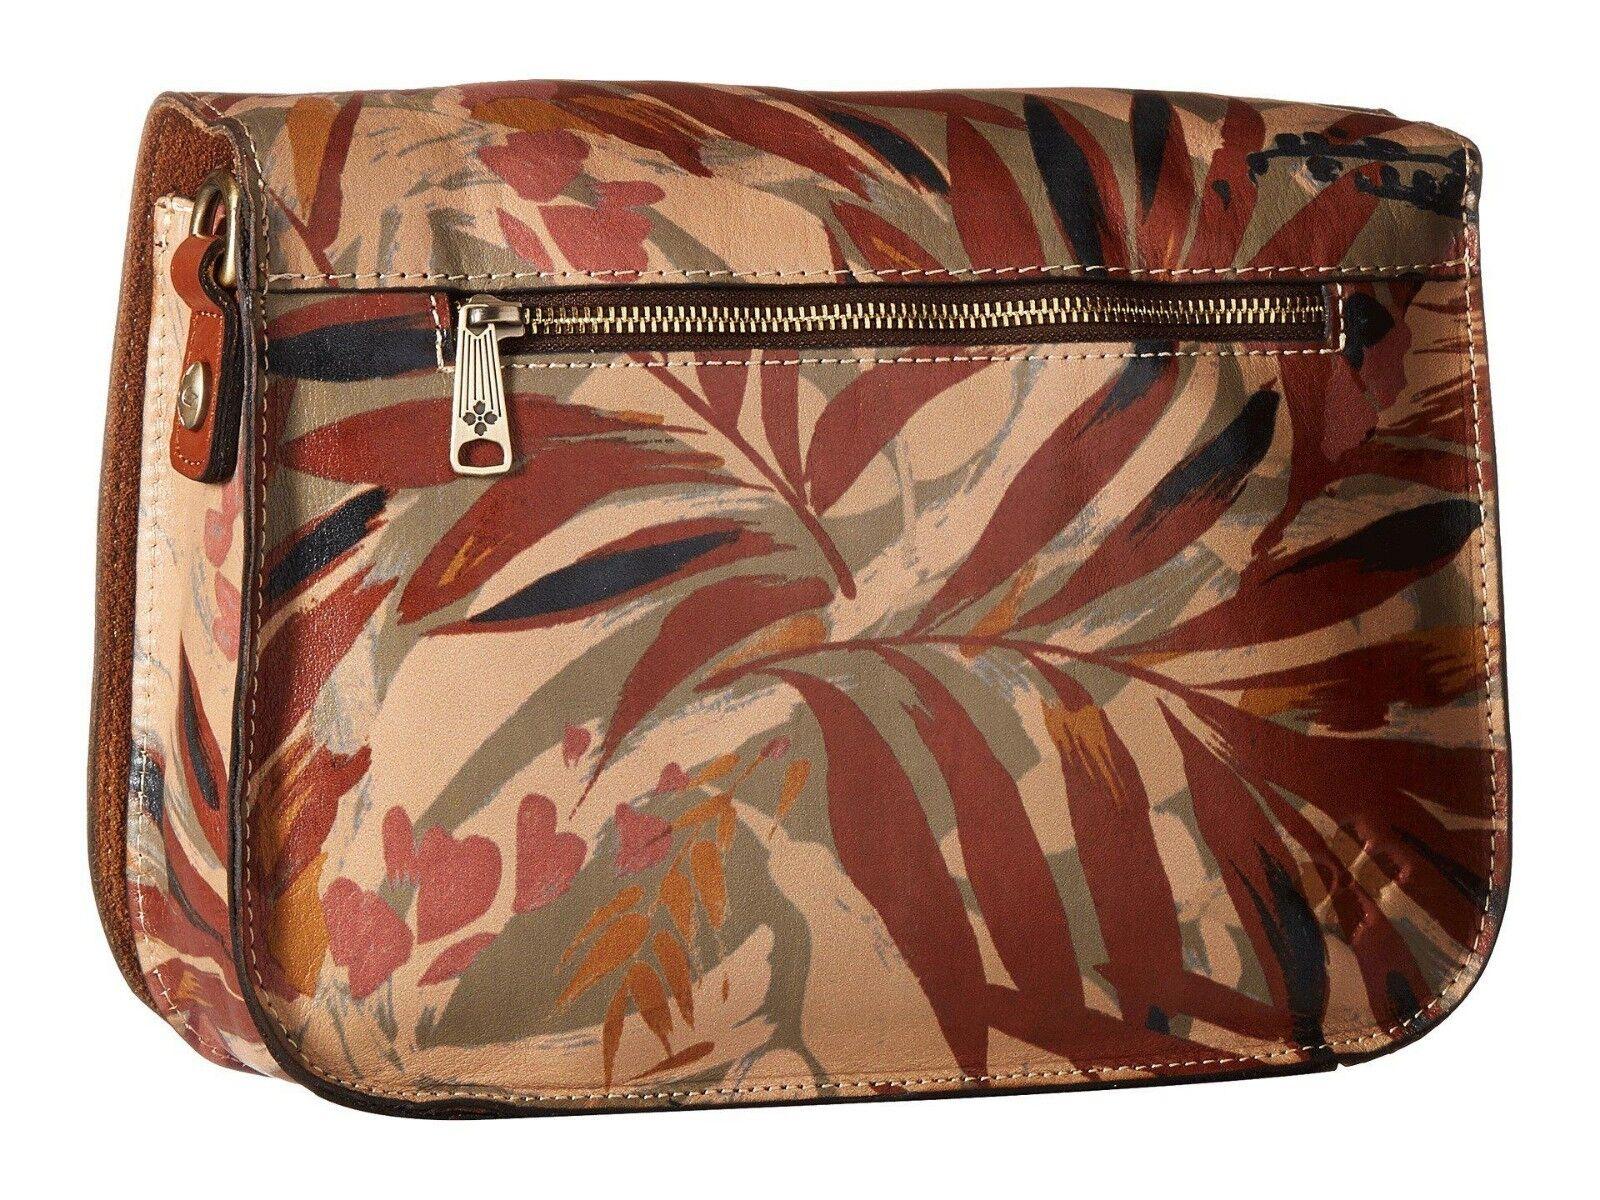 Neu Patricia Nash Leder Mondovi Überschlag Crossbdody Schultertasche Palm       Feinen Qualität    Billig ideal    Bevorzugtes Material  1a0bbd